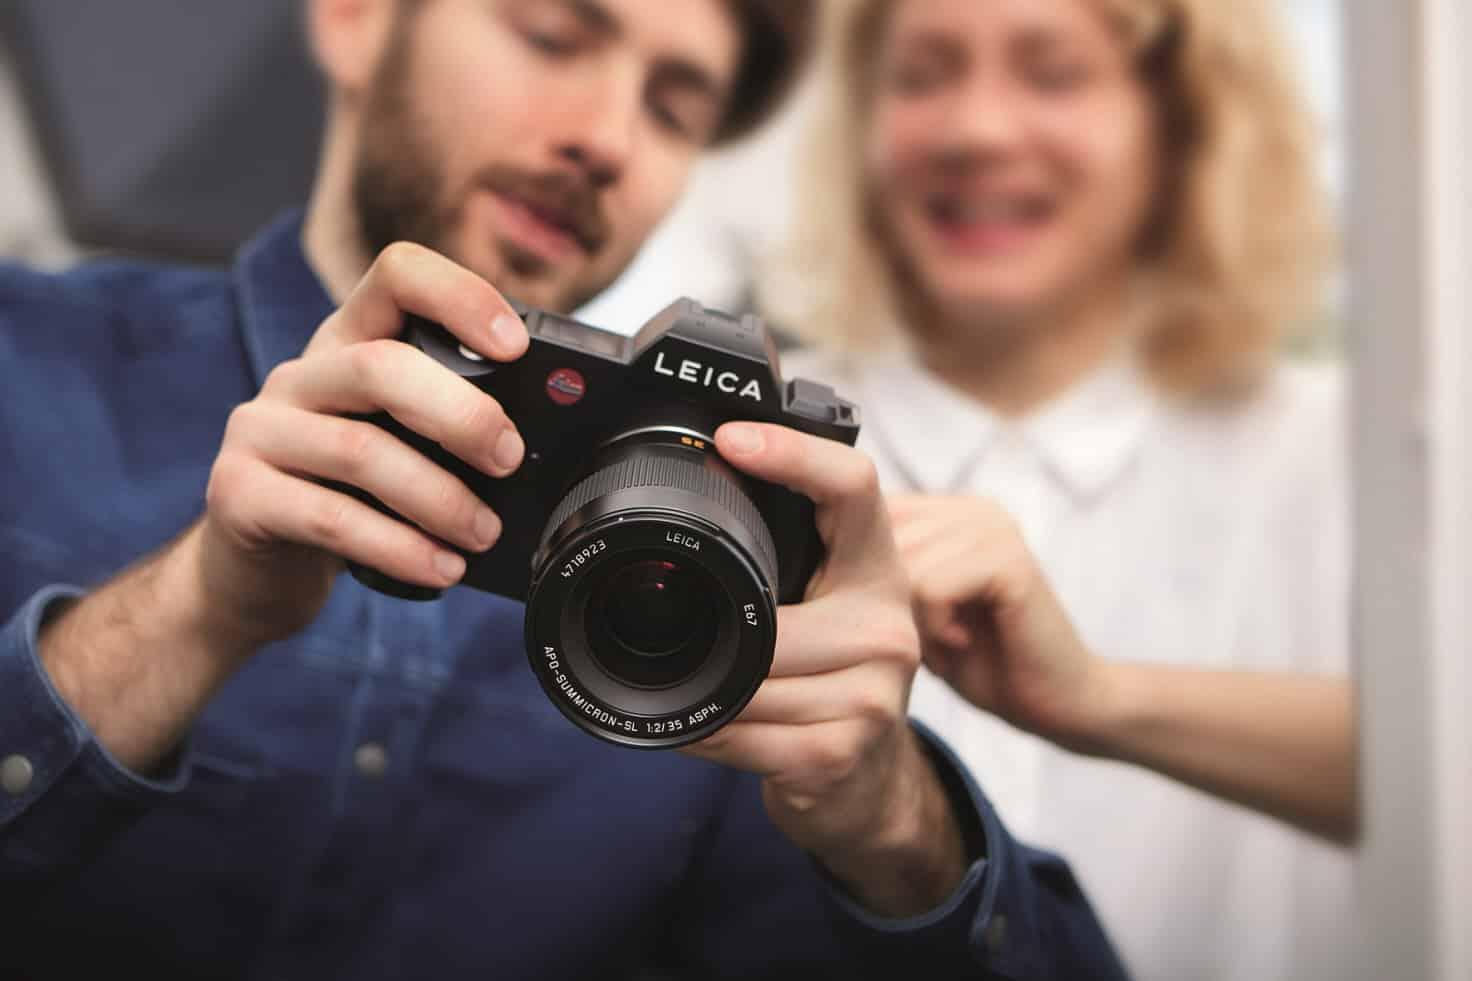 사진 제공 : 라이카 카메라 코리아 ⓒ 갓잇코리아